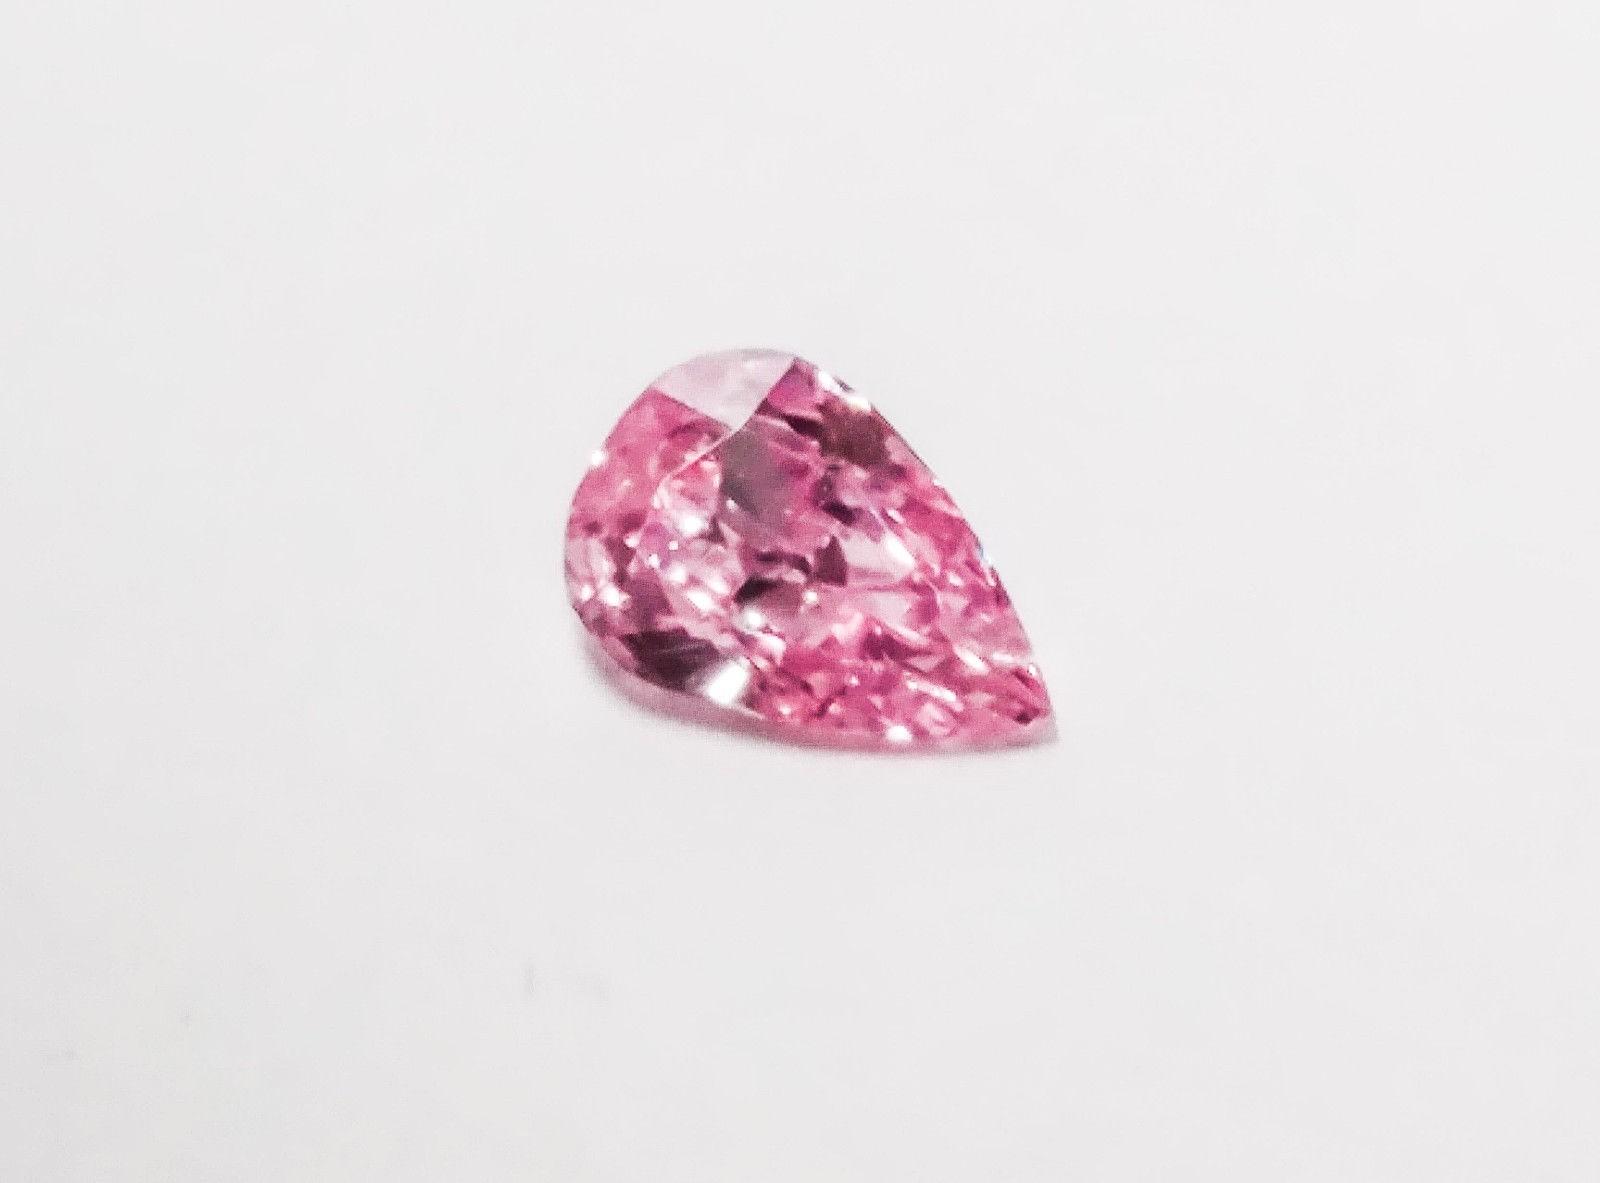 Purple Diamonds Archives - Talore Diamonds